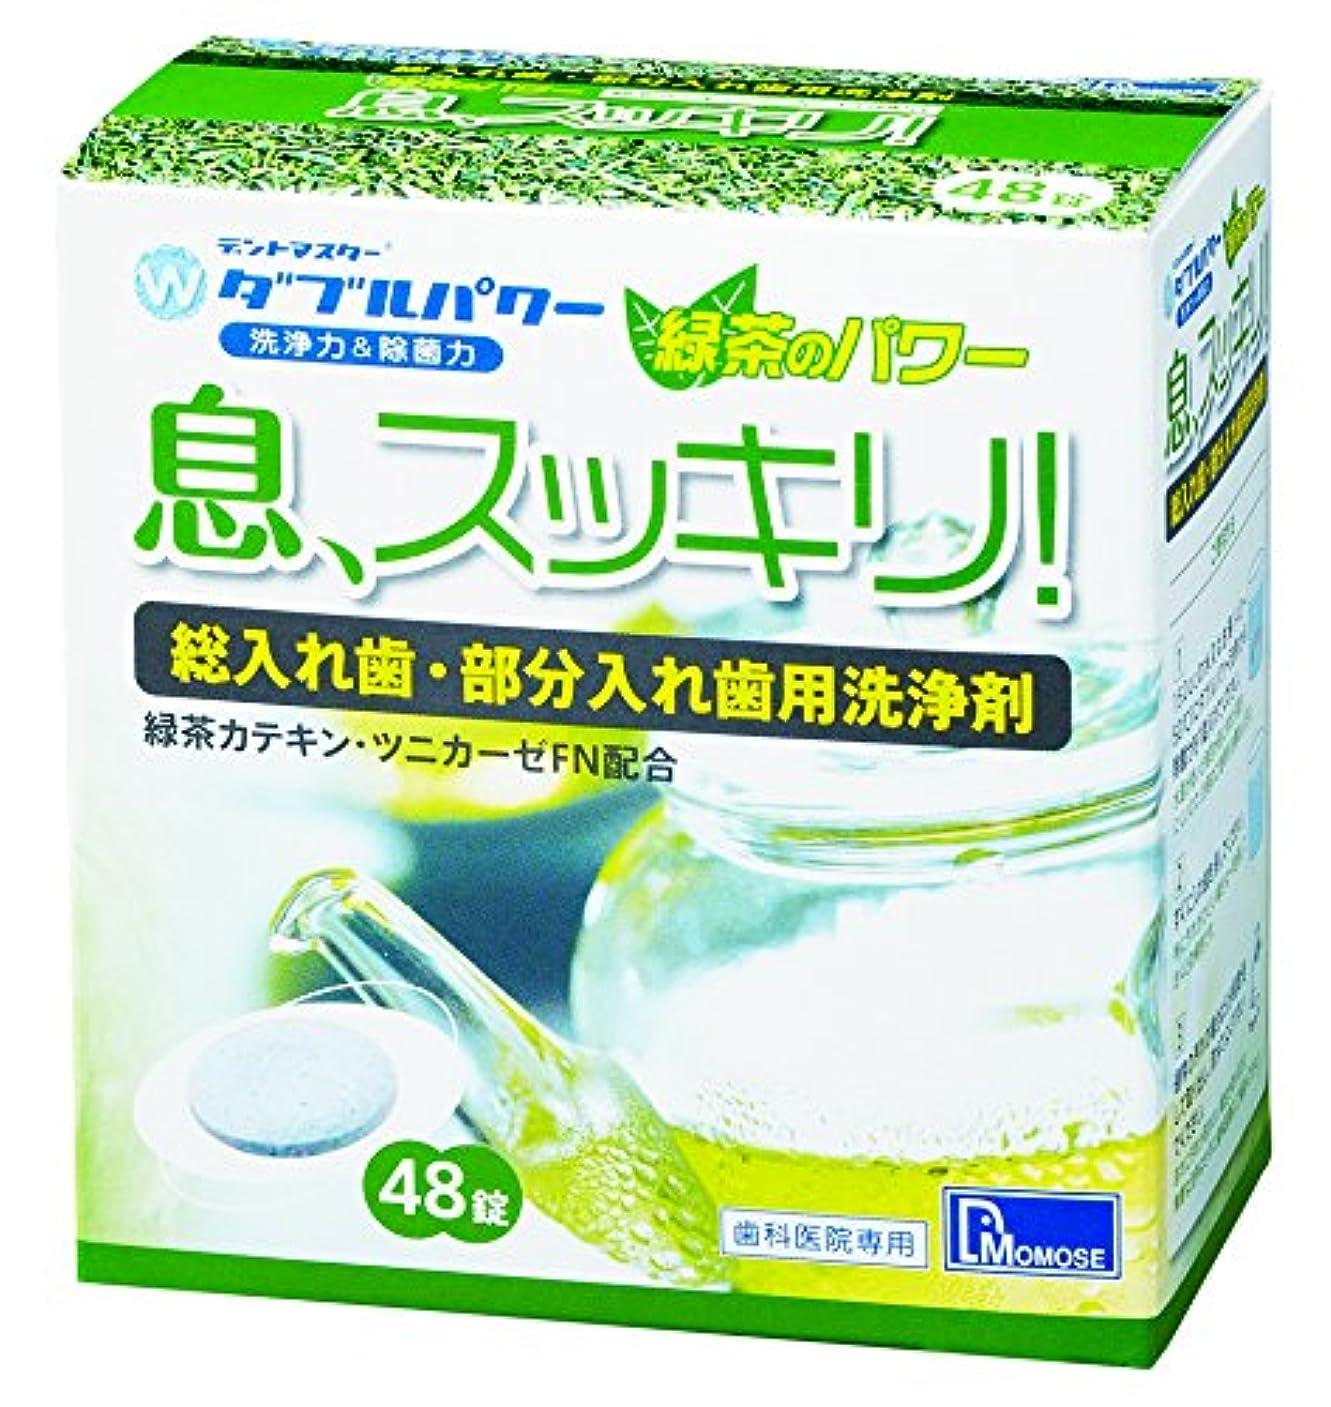 精通したスカーフほかに入れ歯洗浄剤(息、スッキリ!) 1箱(48錠入) 48錠入り /8-6839-01